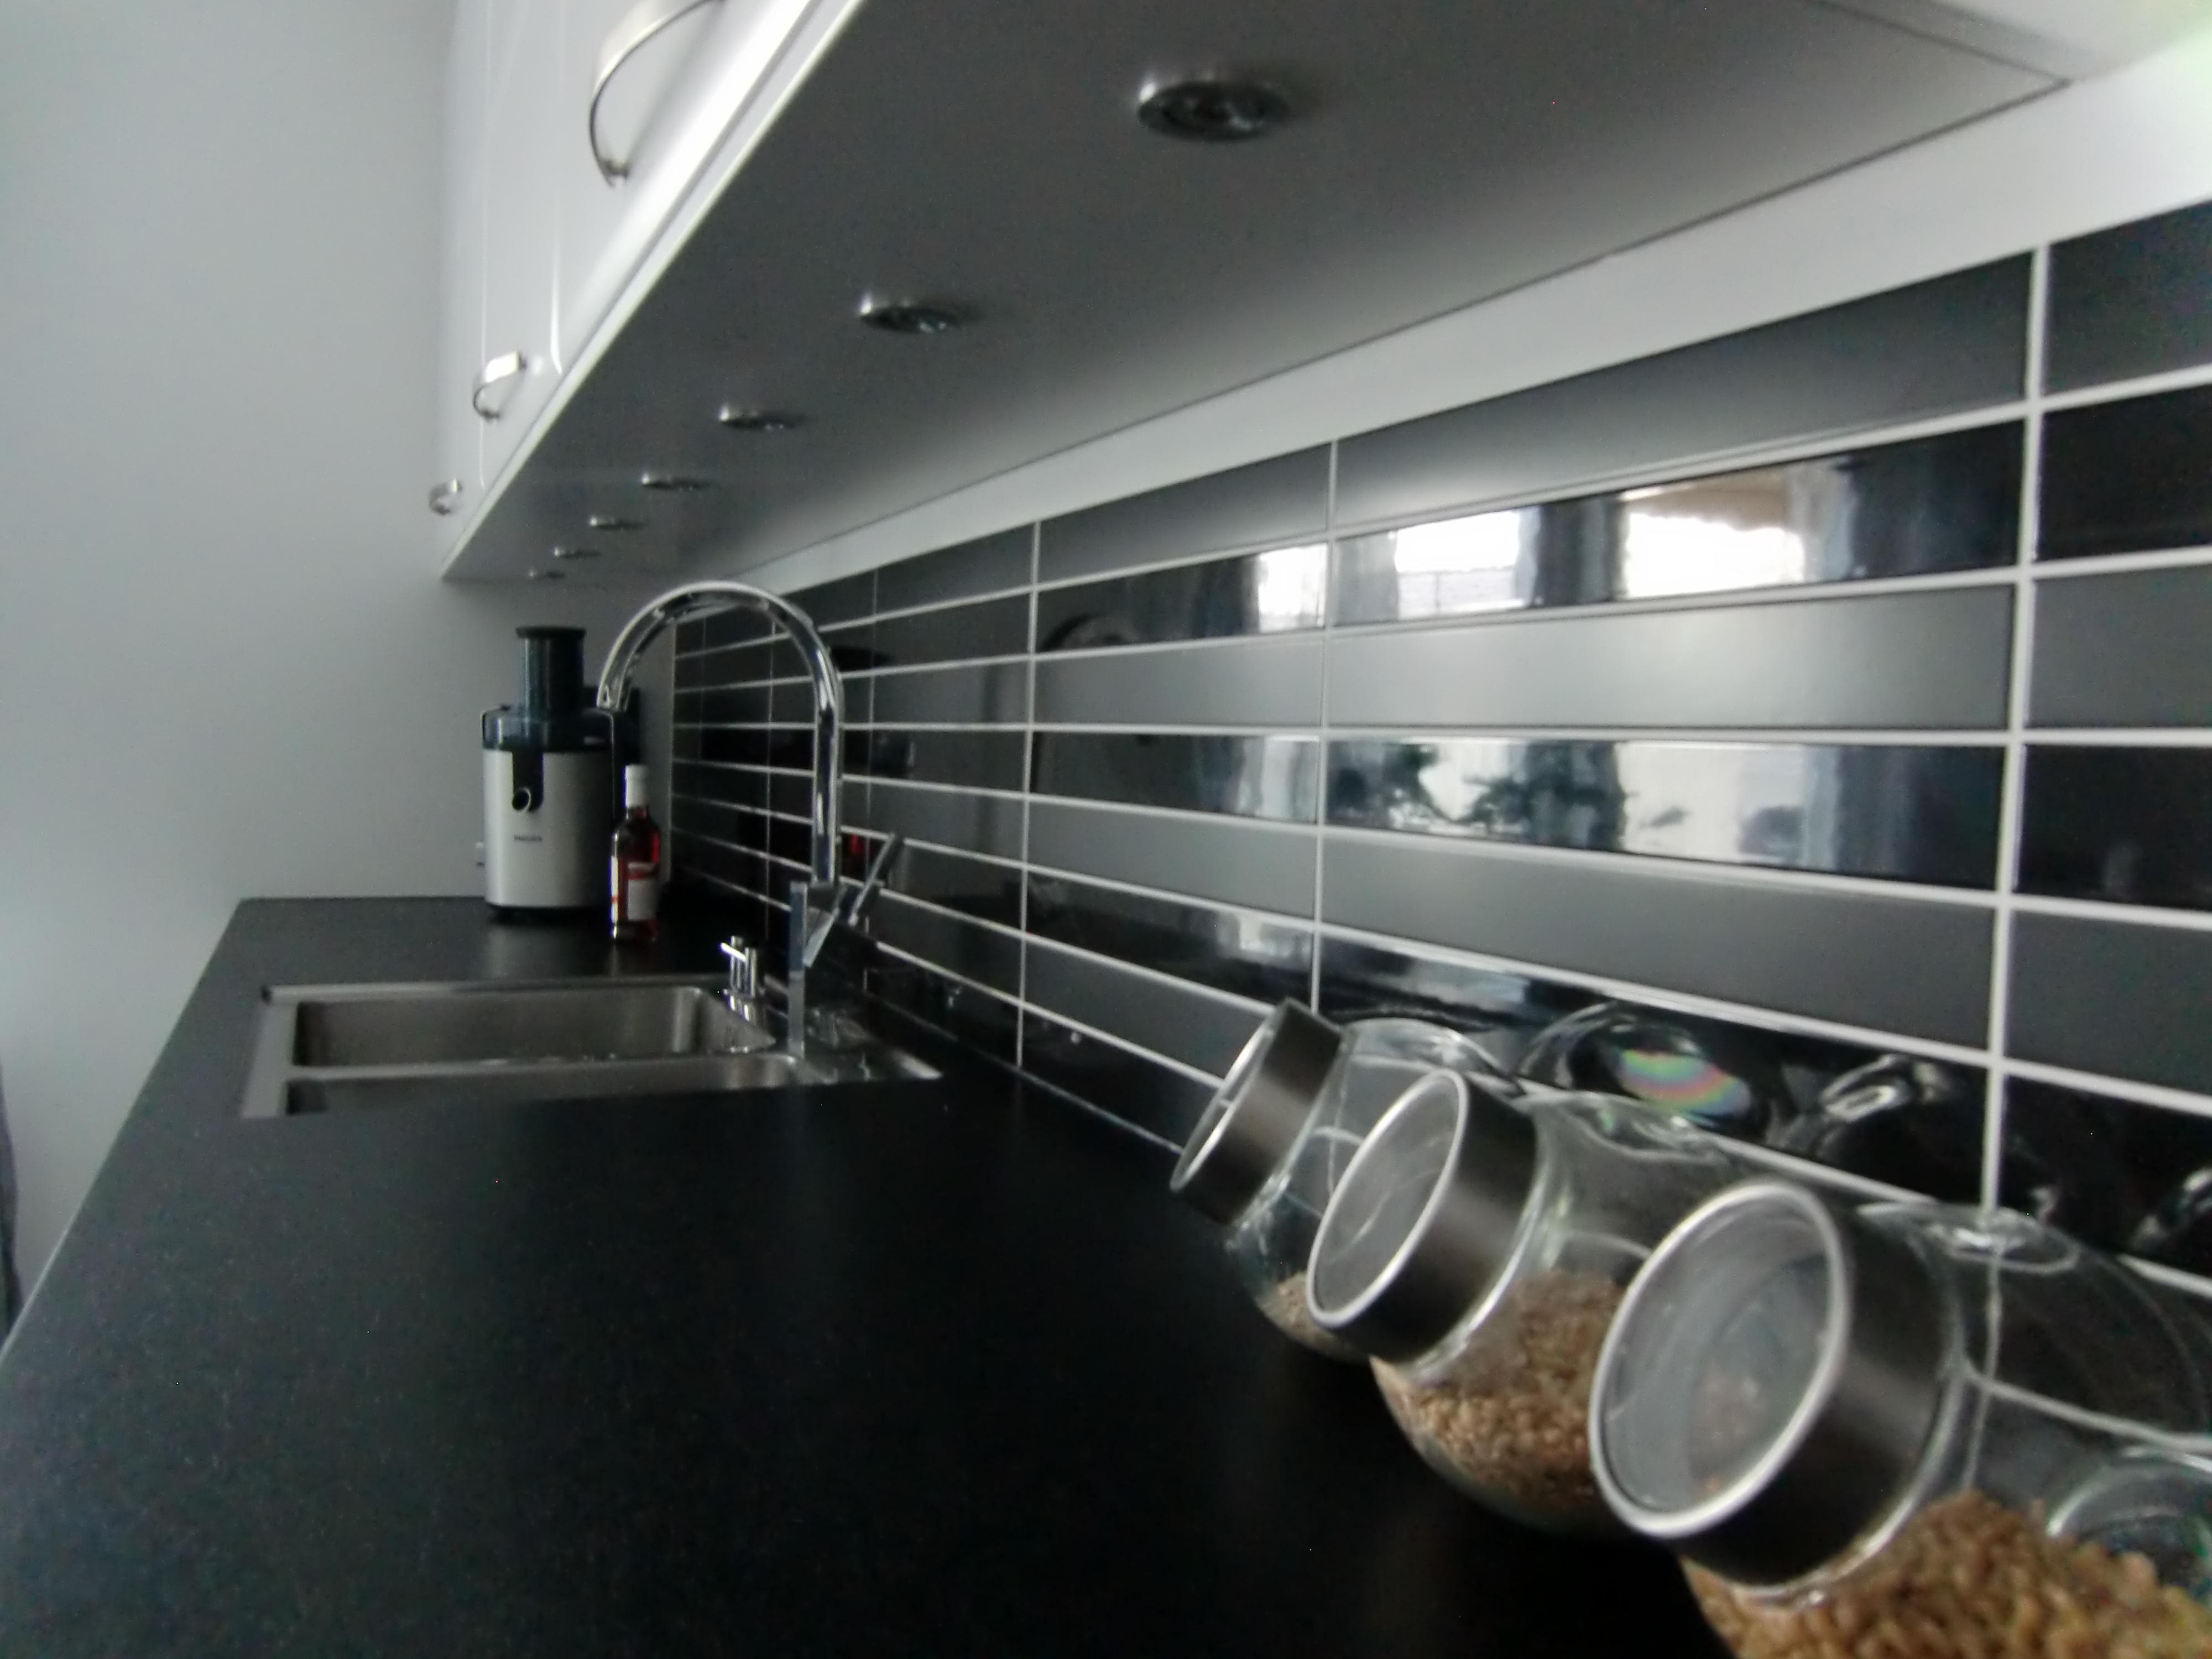 byggexpressen i uddevalla ab kakel klinker. Black Bedroom Furniture Sets. Home Design Ideas